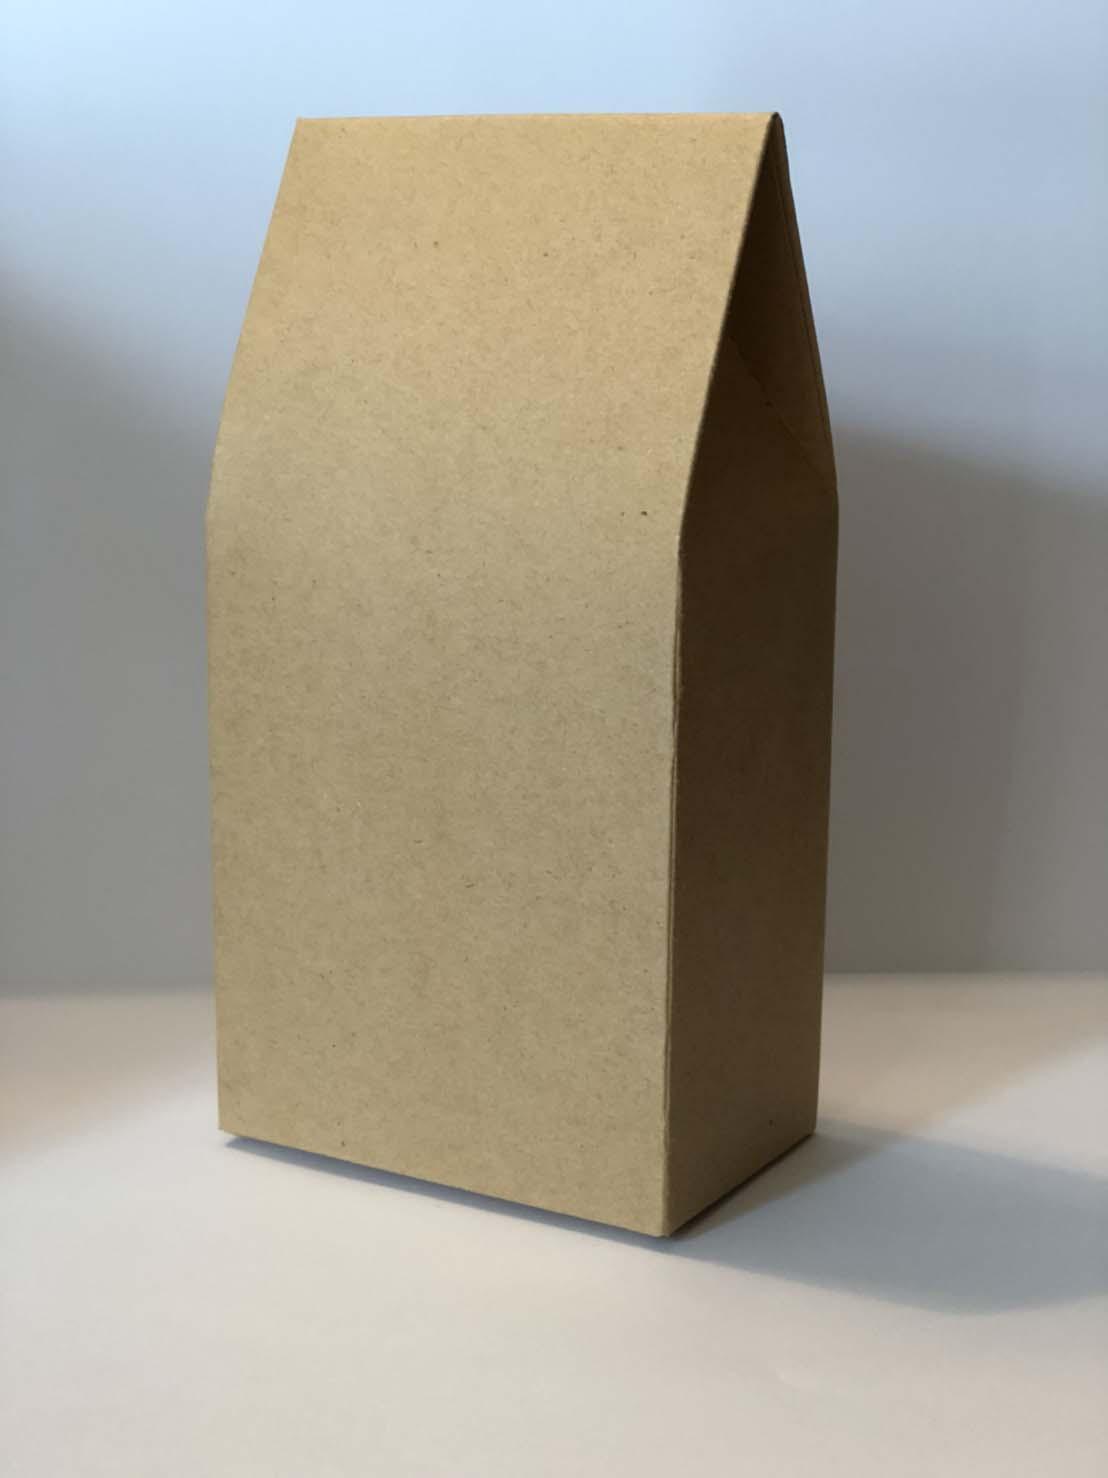 ถุงกระดาษคราฟ ขนาด 5*8*9.5 cm. 50 ชิ้น